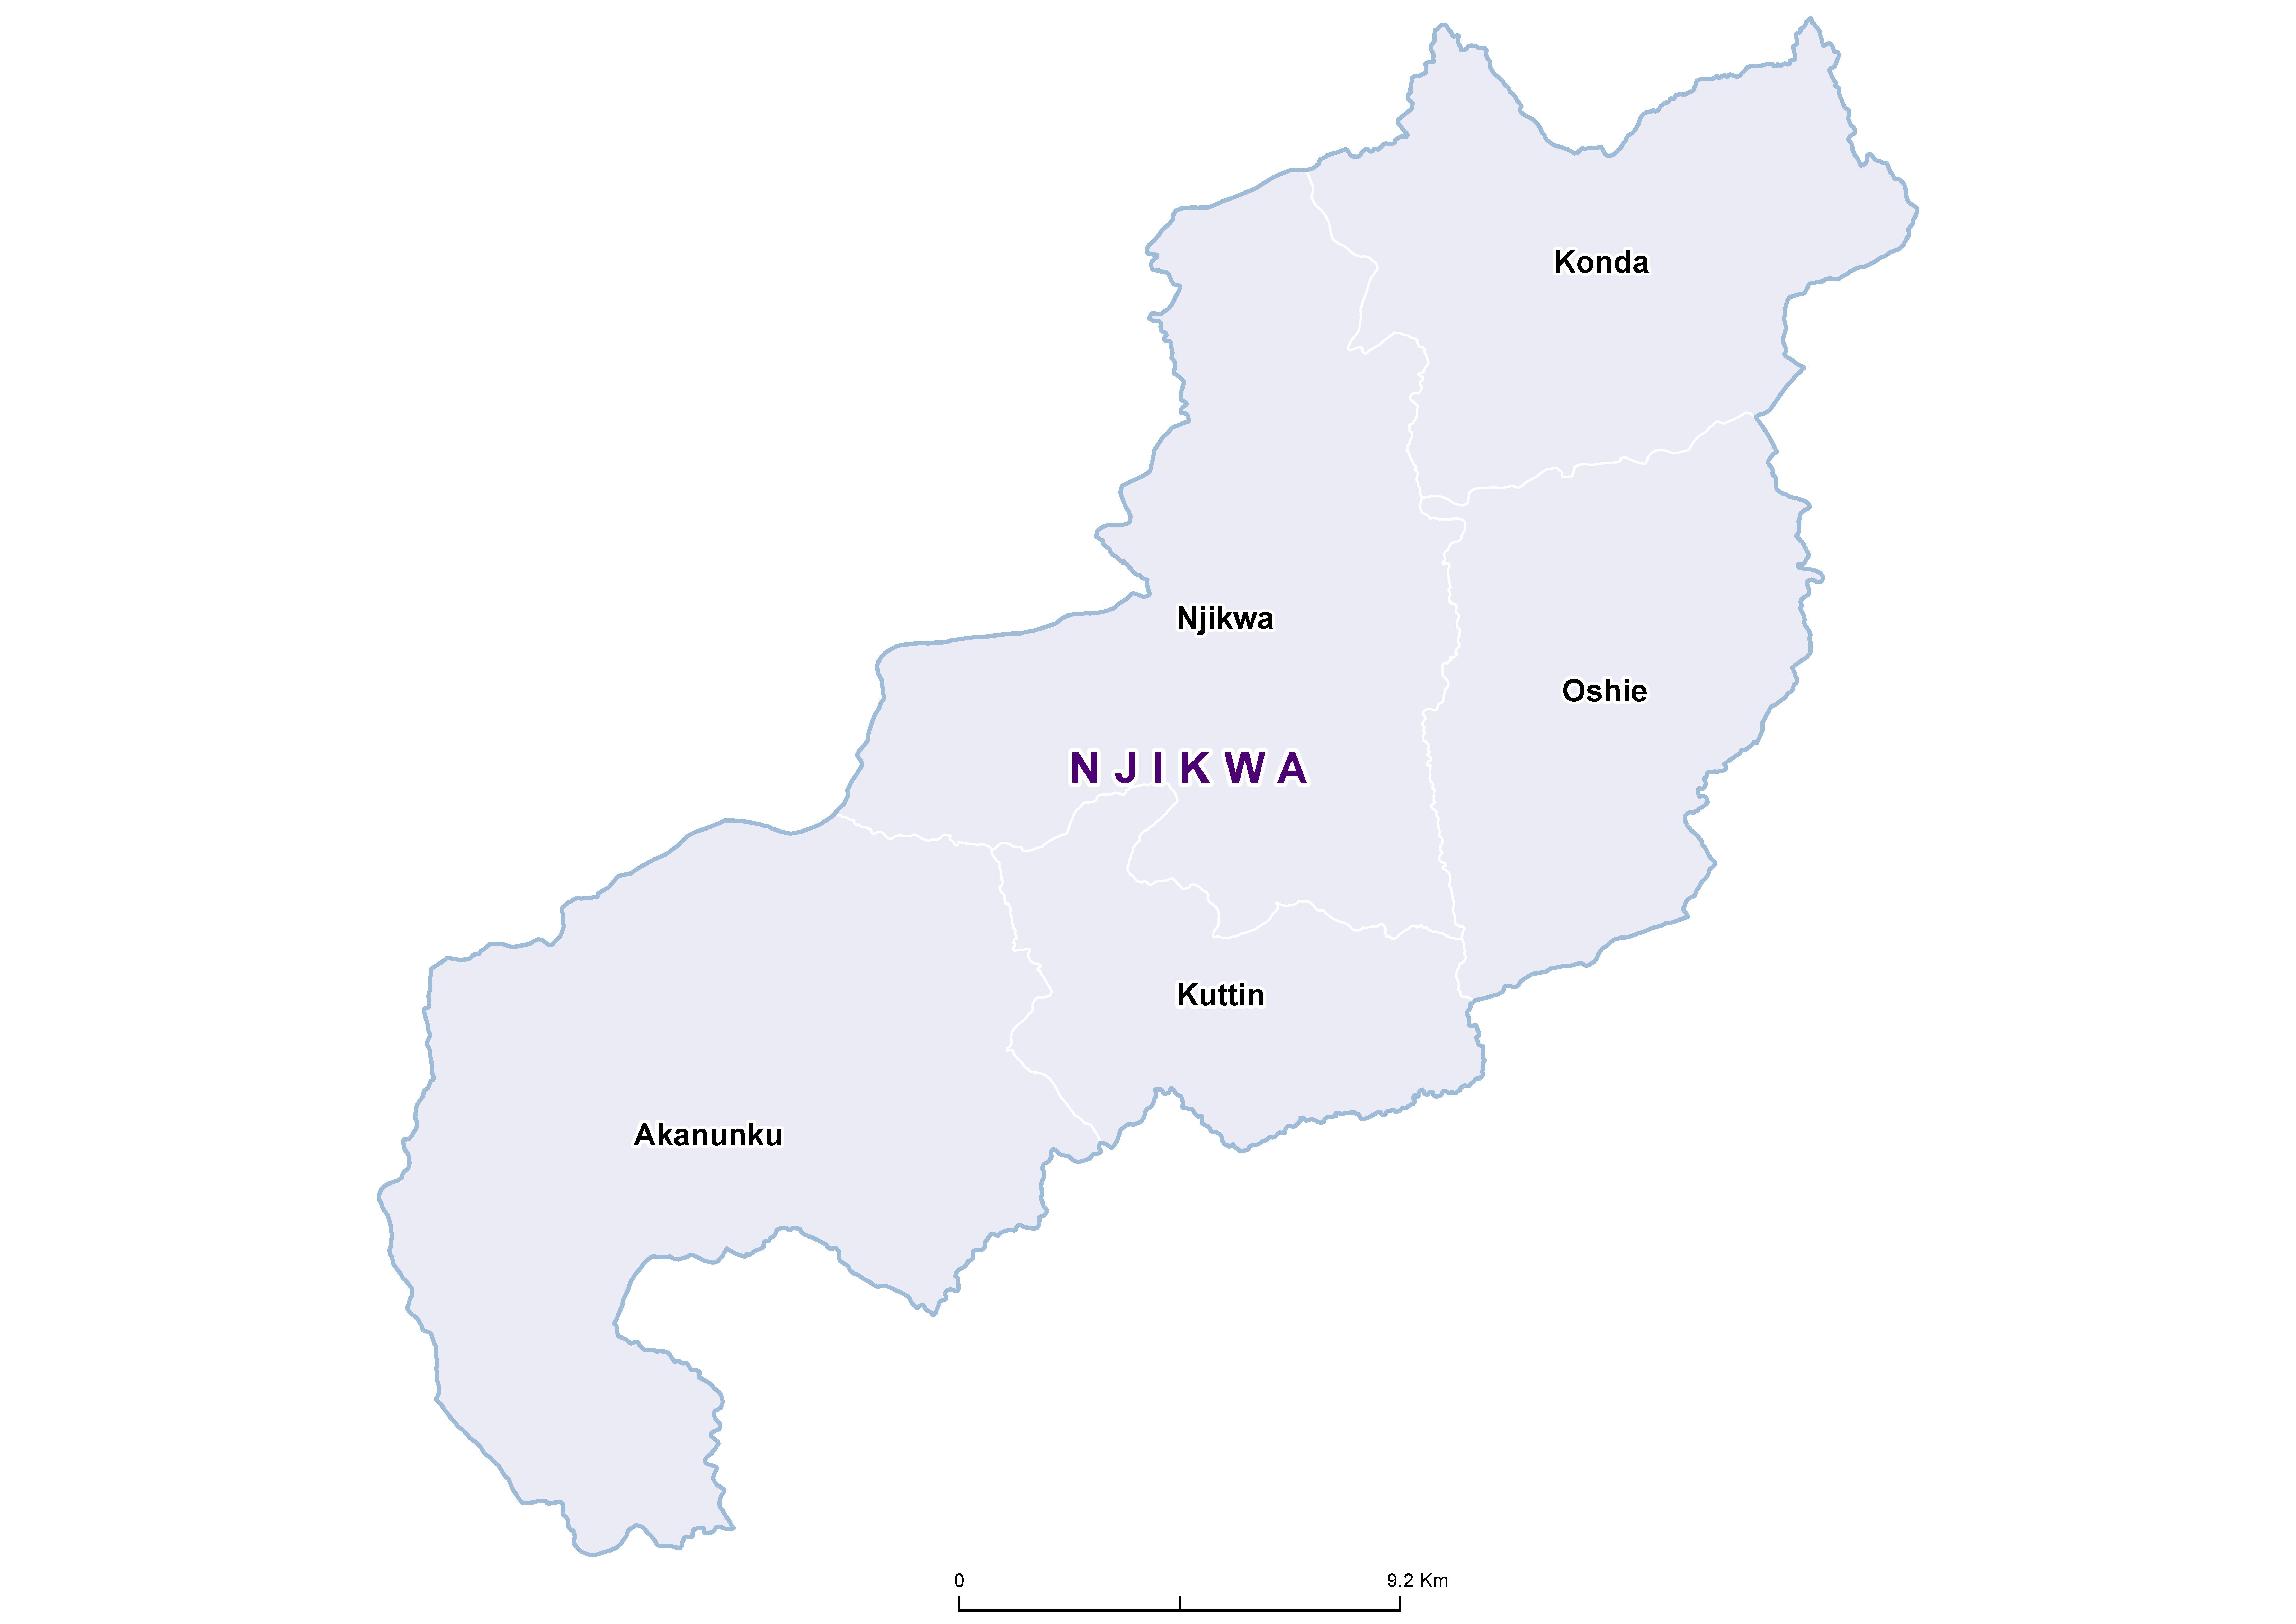 Njikwa STH 19850001